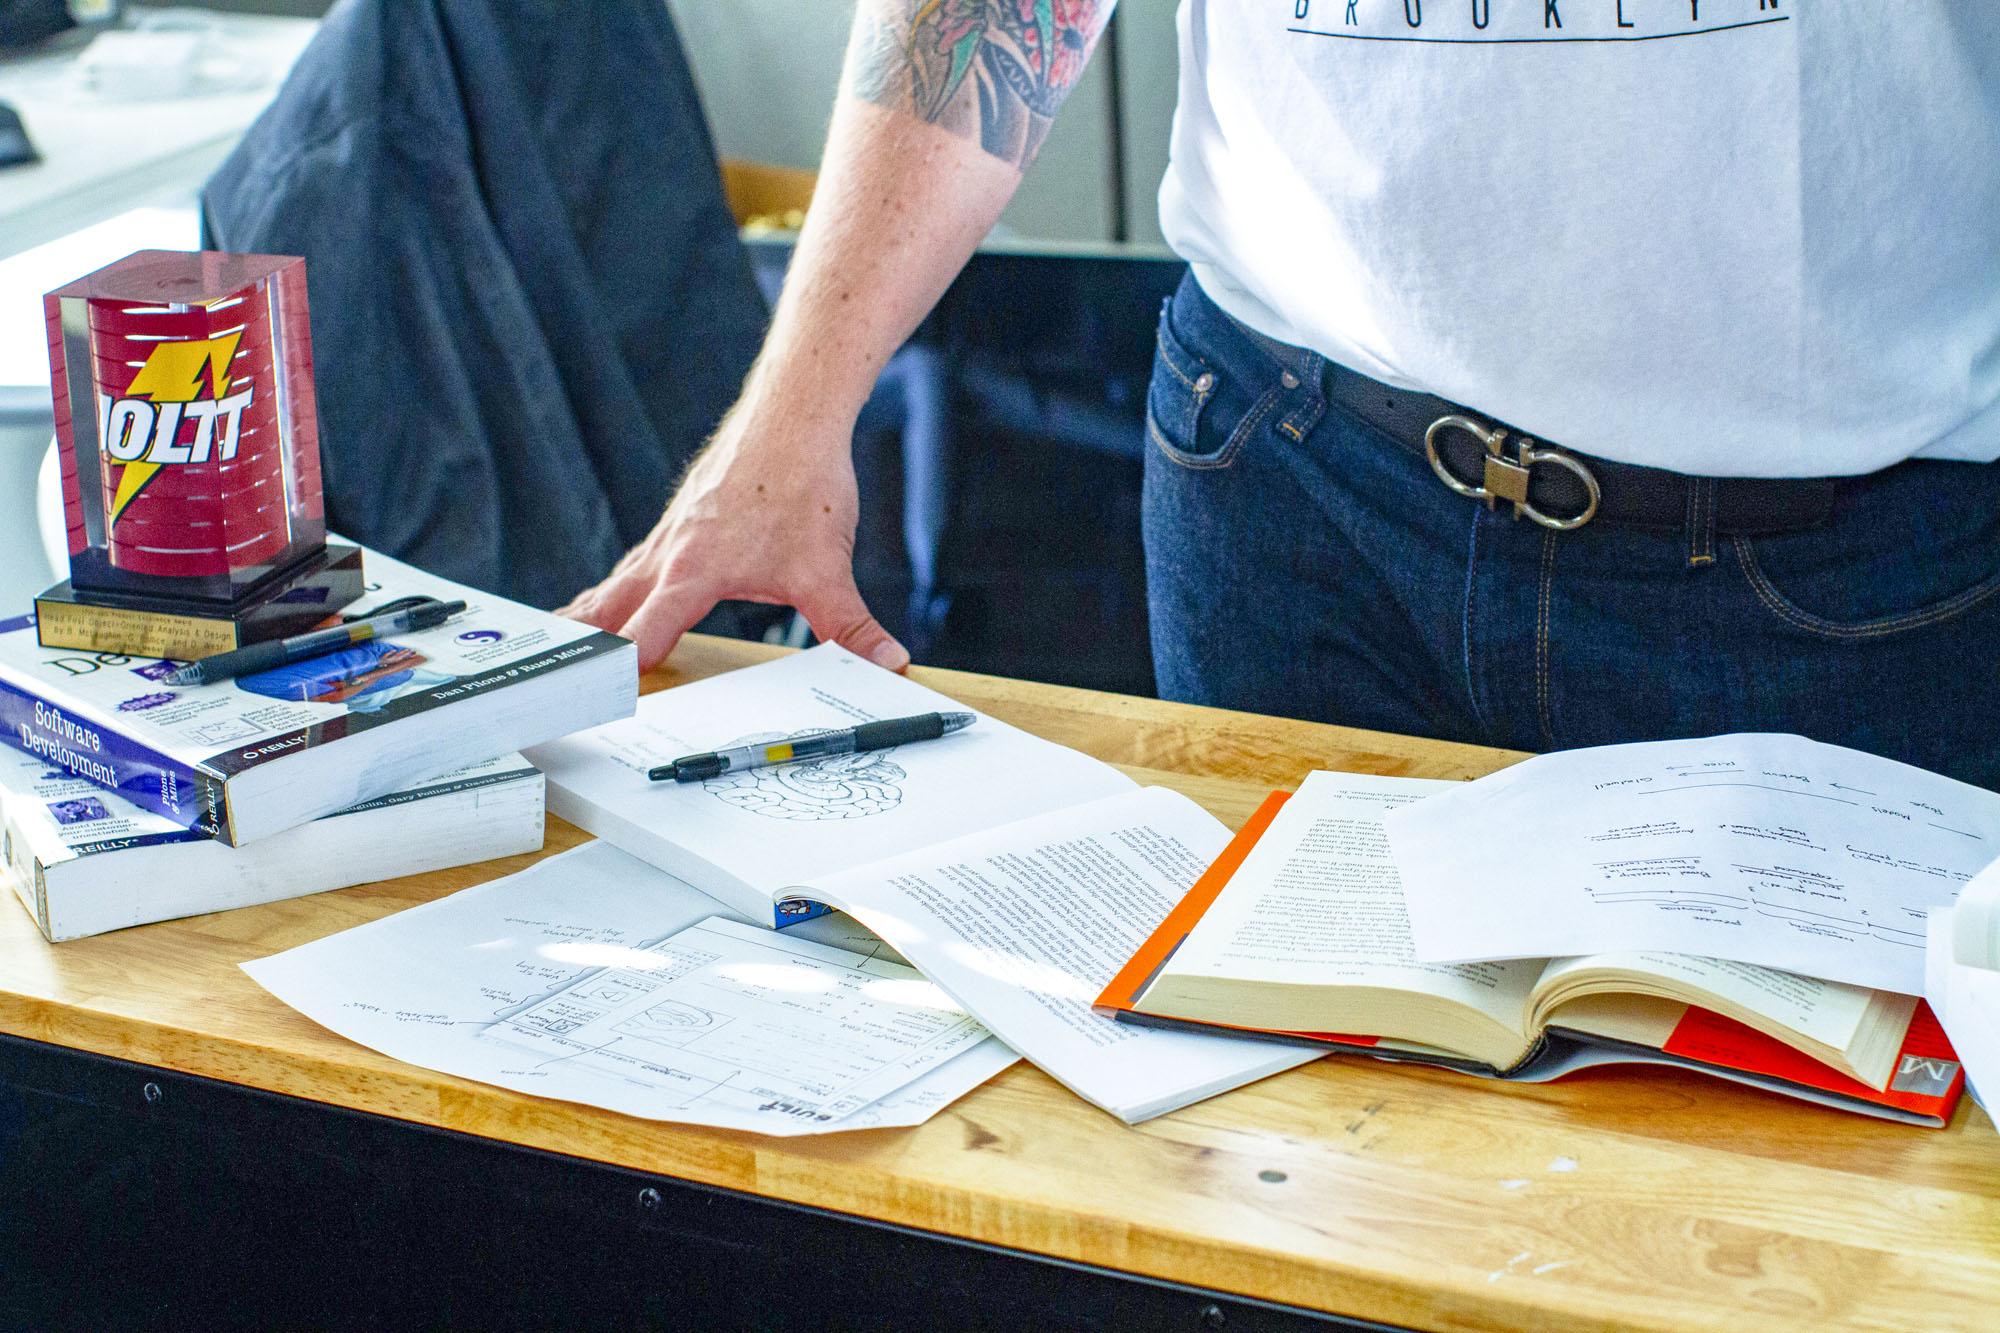 brett-papers_on_desk.jpg